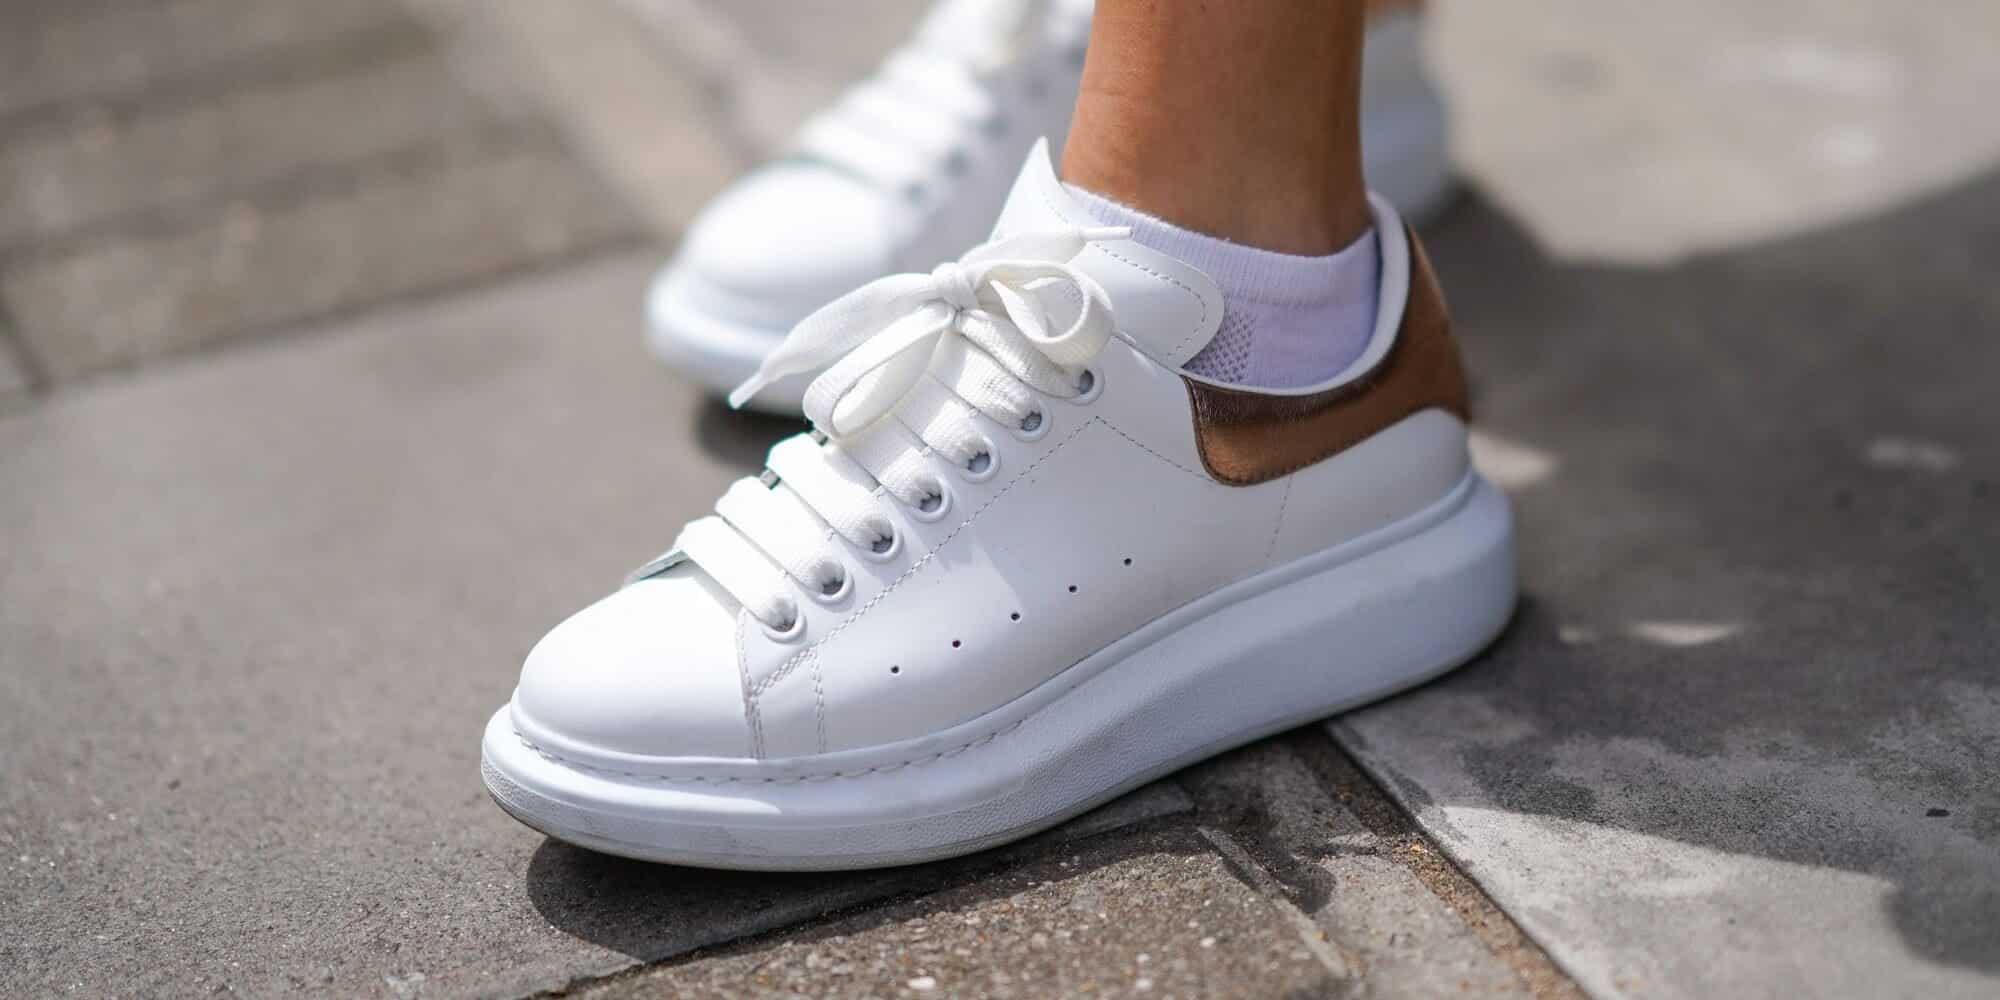 Giày Alexander McQueen là dòng Sneaker cao cấp có giá cao ngất ngưởng